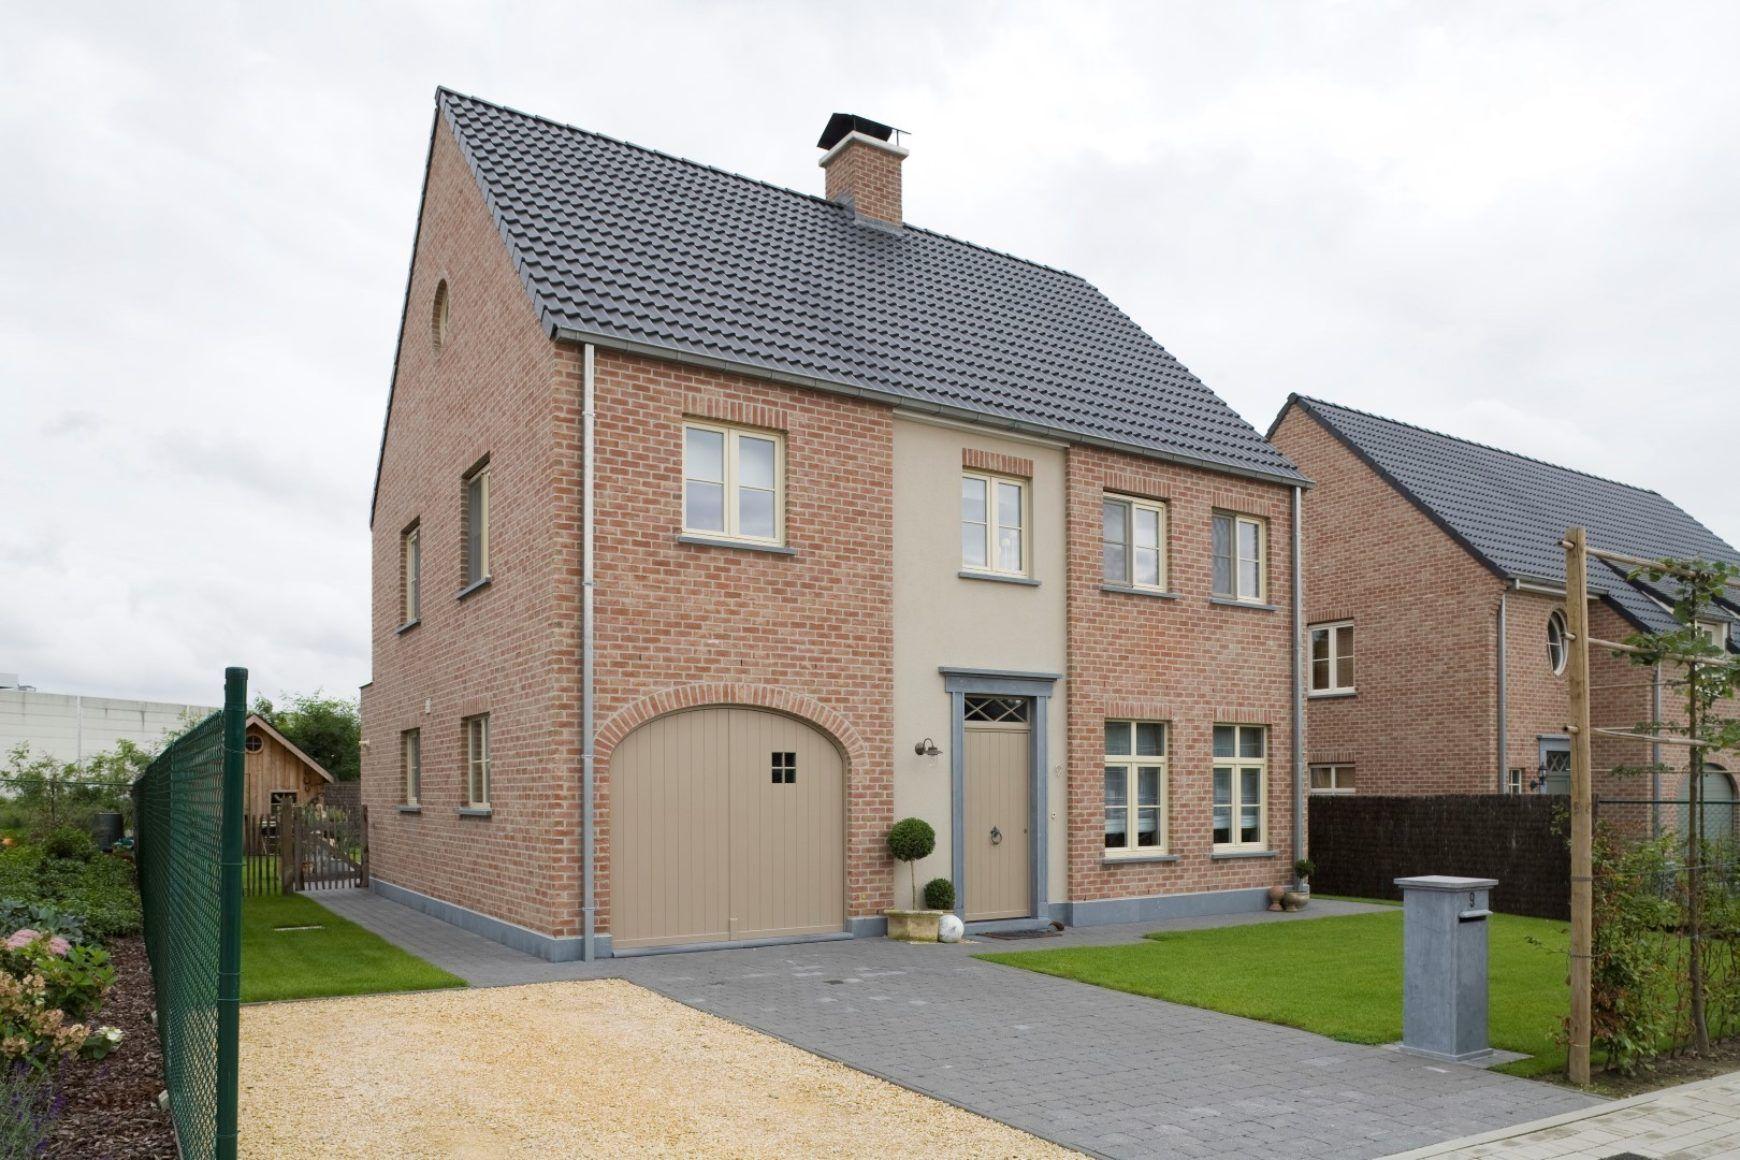 Landelijk wonen? landelijke woning huizen te koop huysman bouw